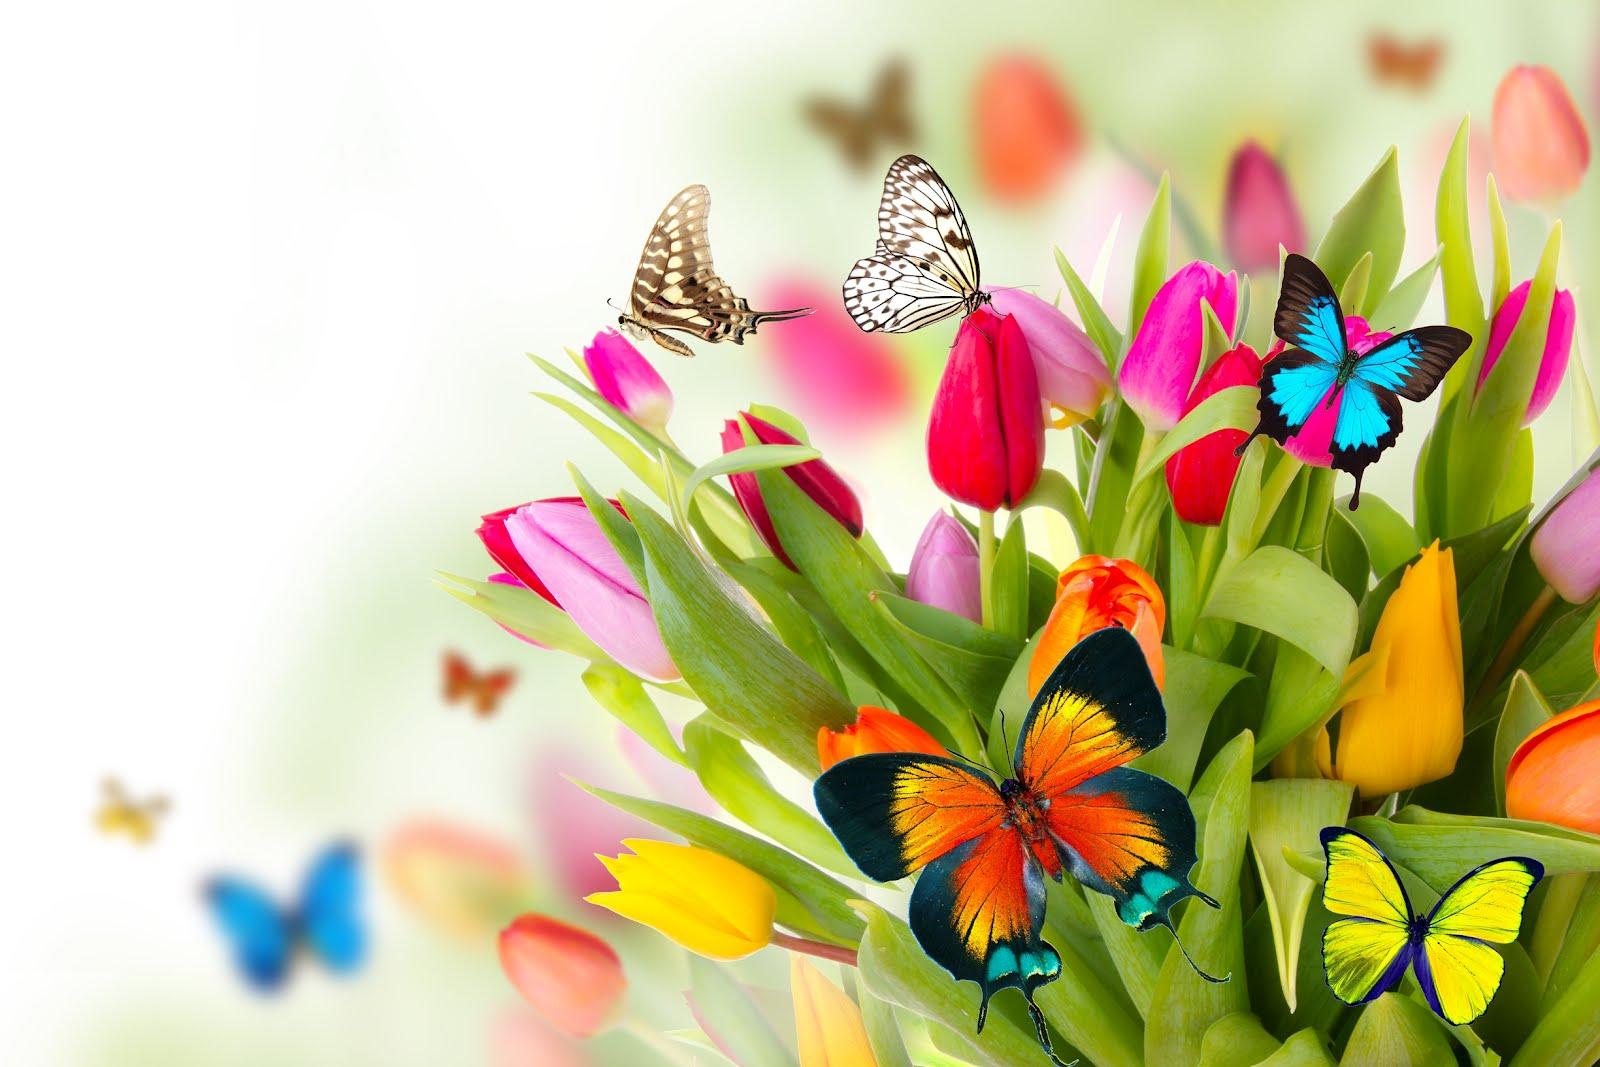 Fotografias De Mariposas Y Flores: Fotos De Flores Y Mariposas